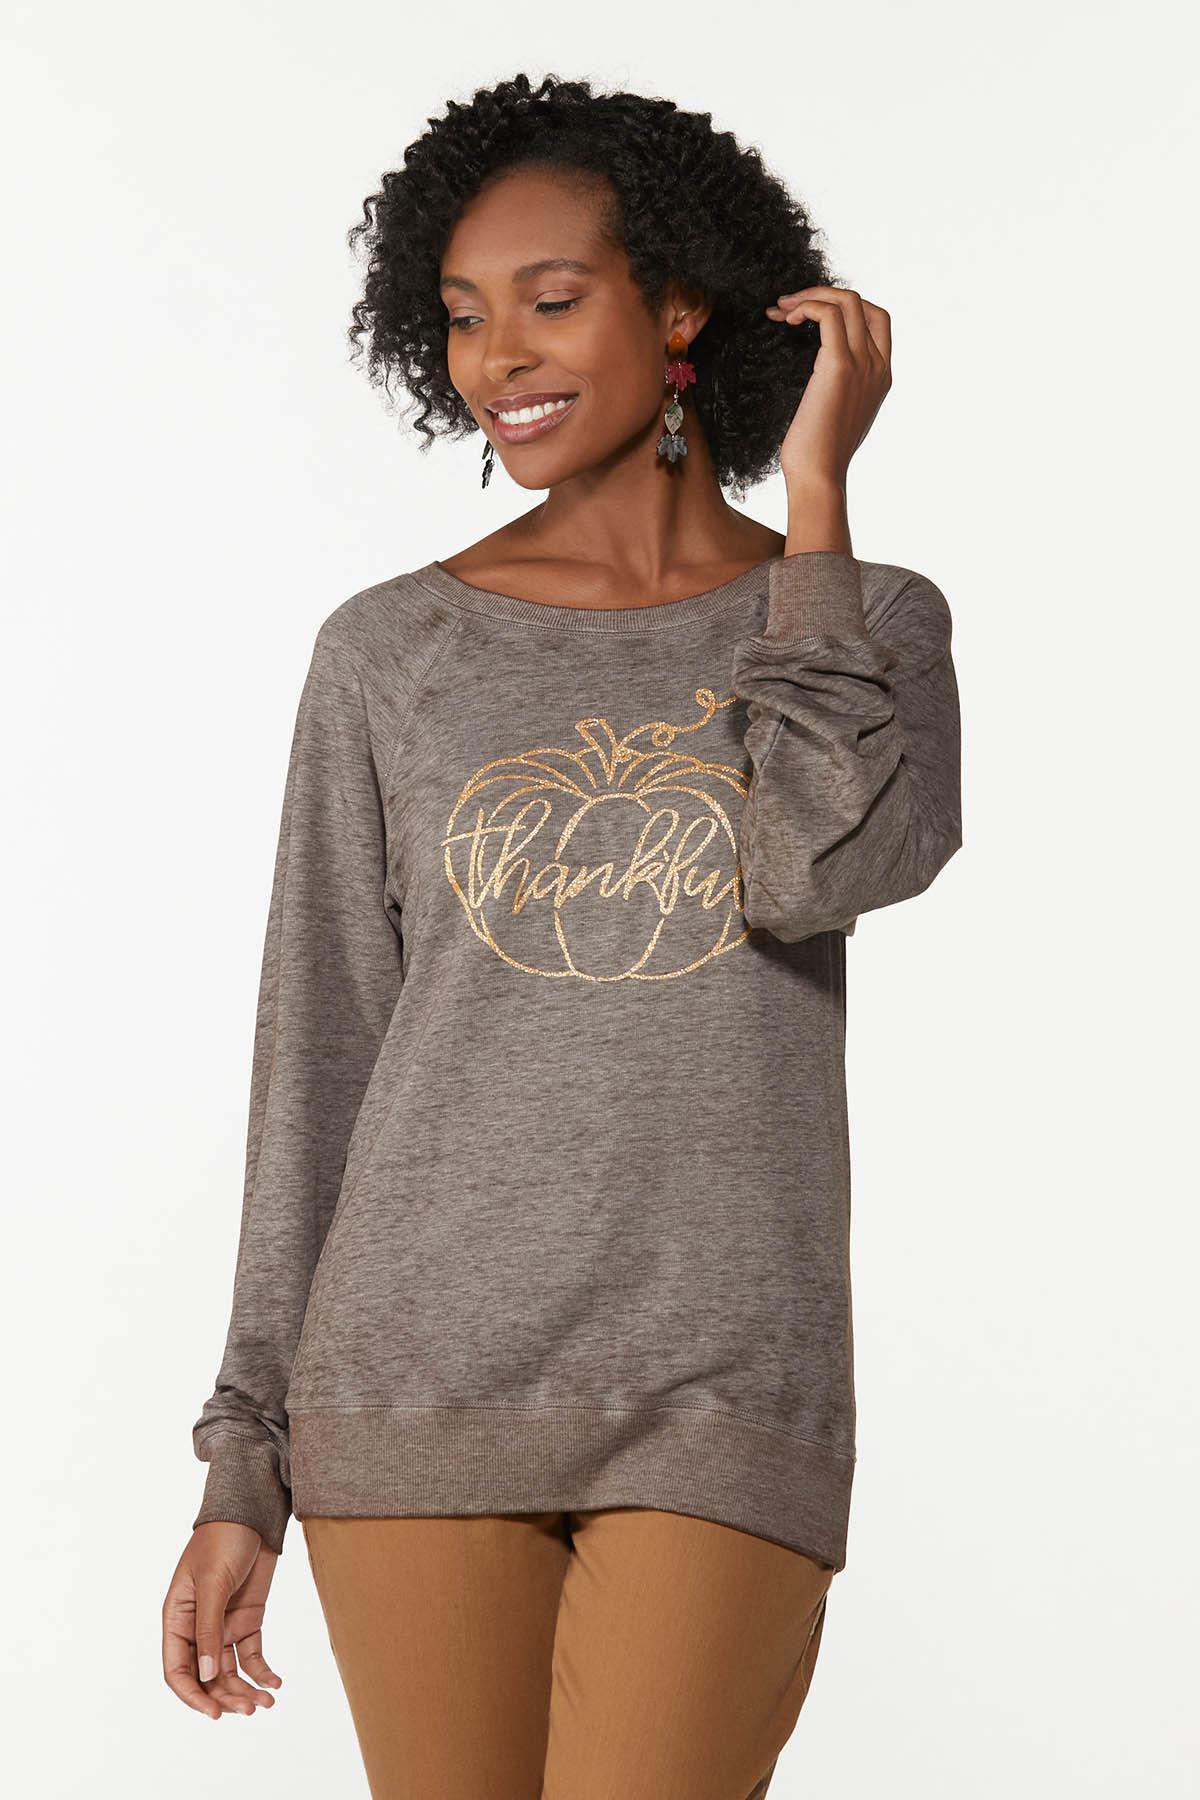 Plus Size Glittery Thankful Sweatshirt